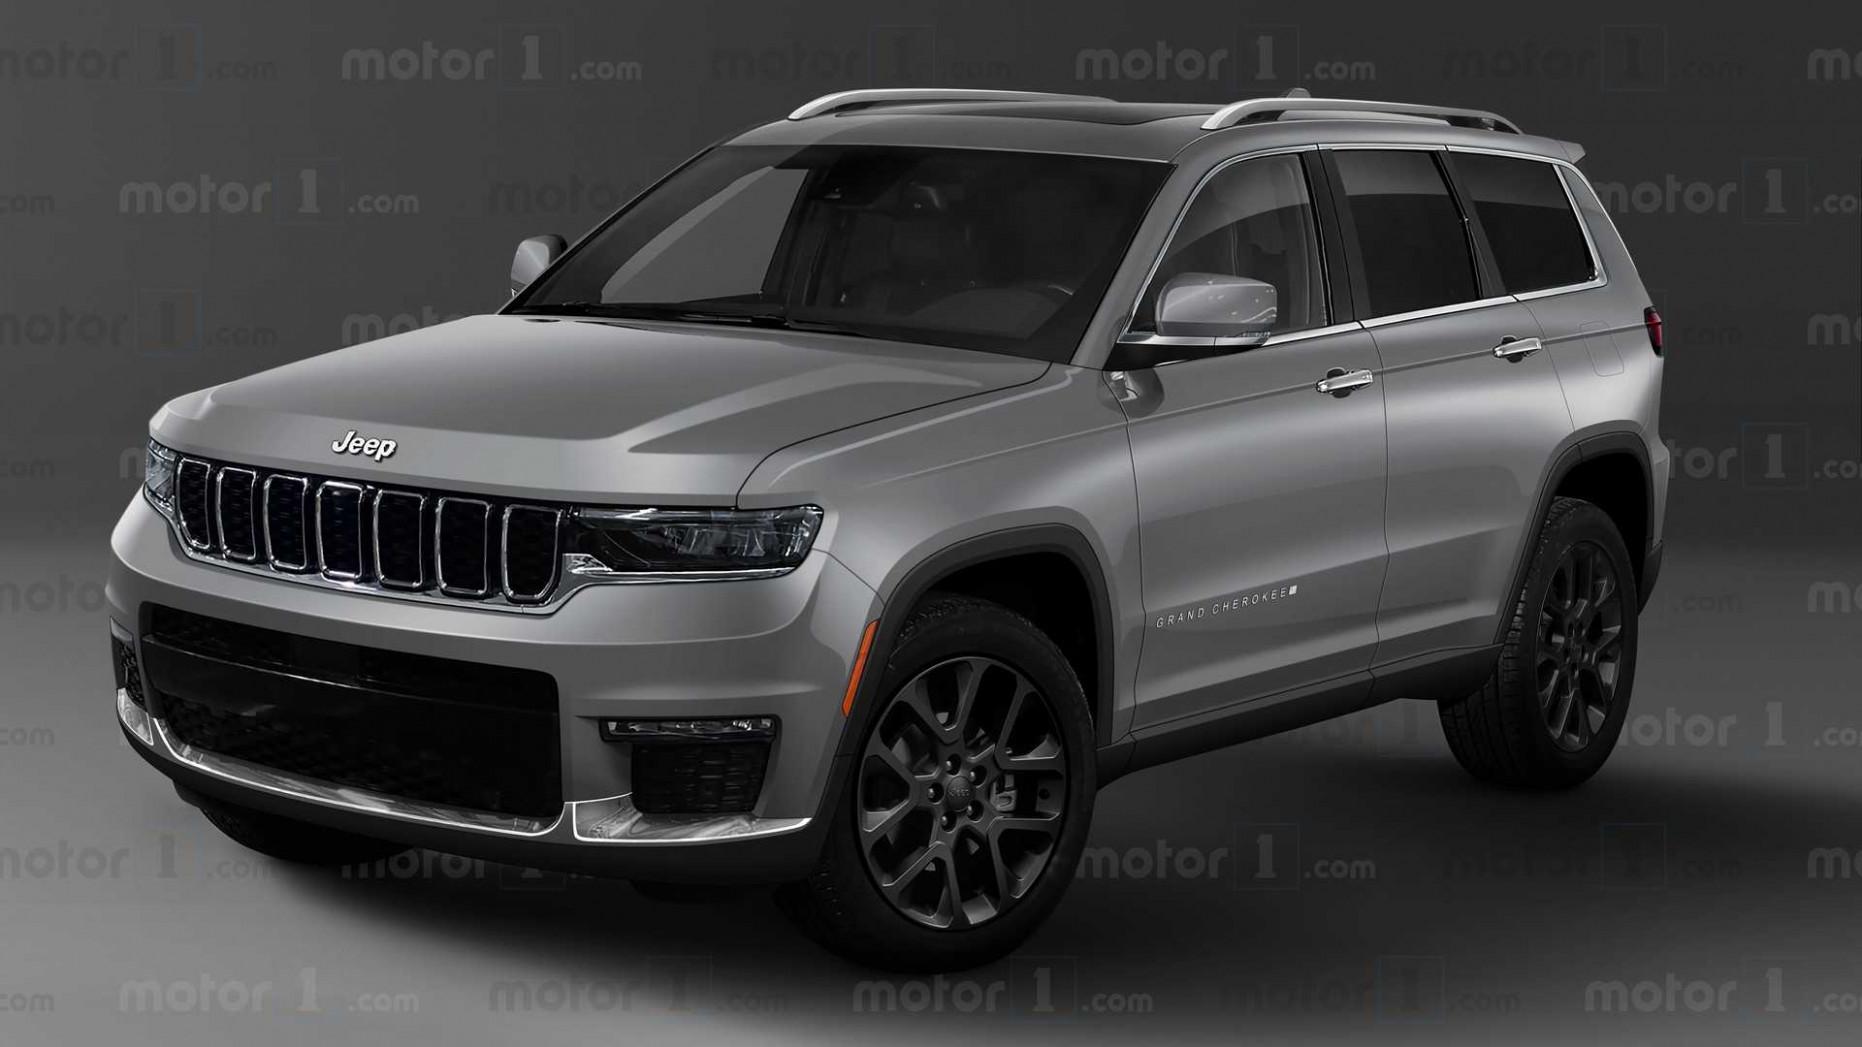 New Concept Jeep Suv 2022